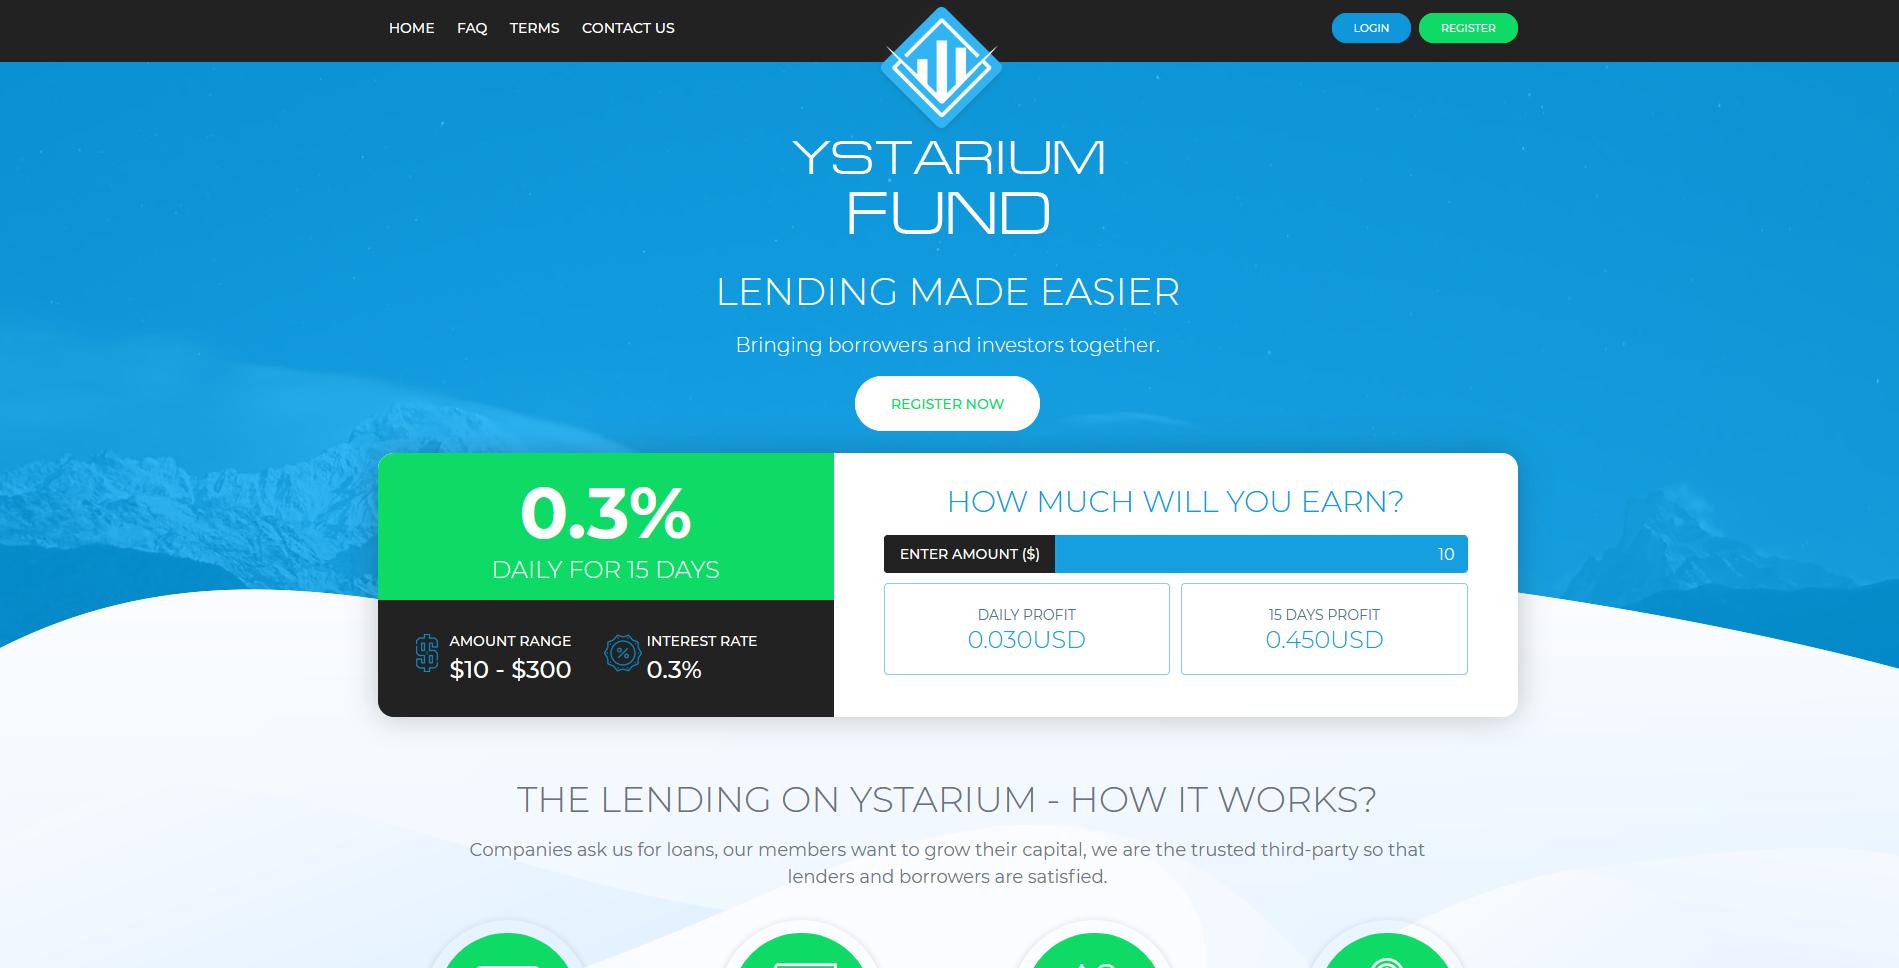 Ystarium Fund